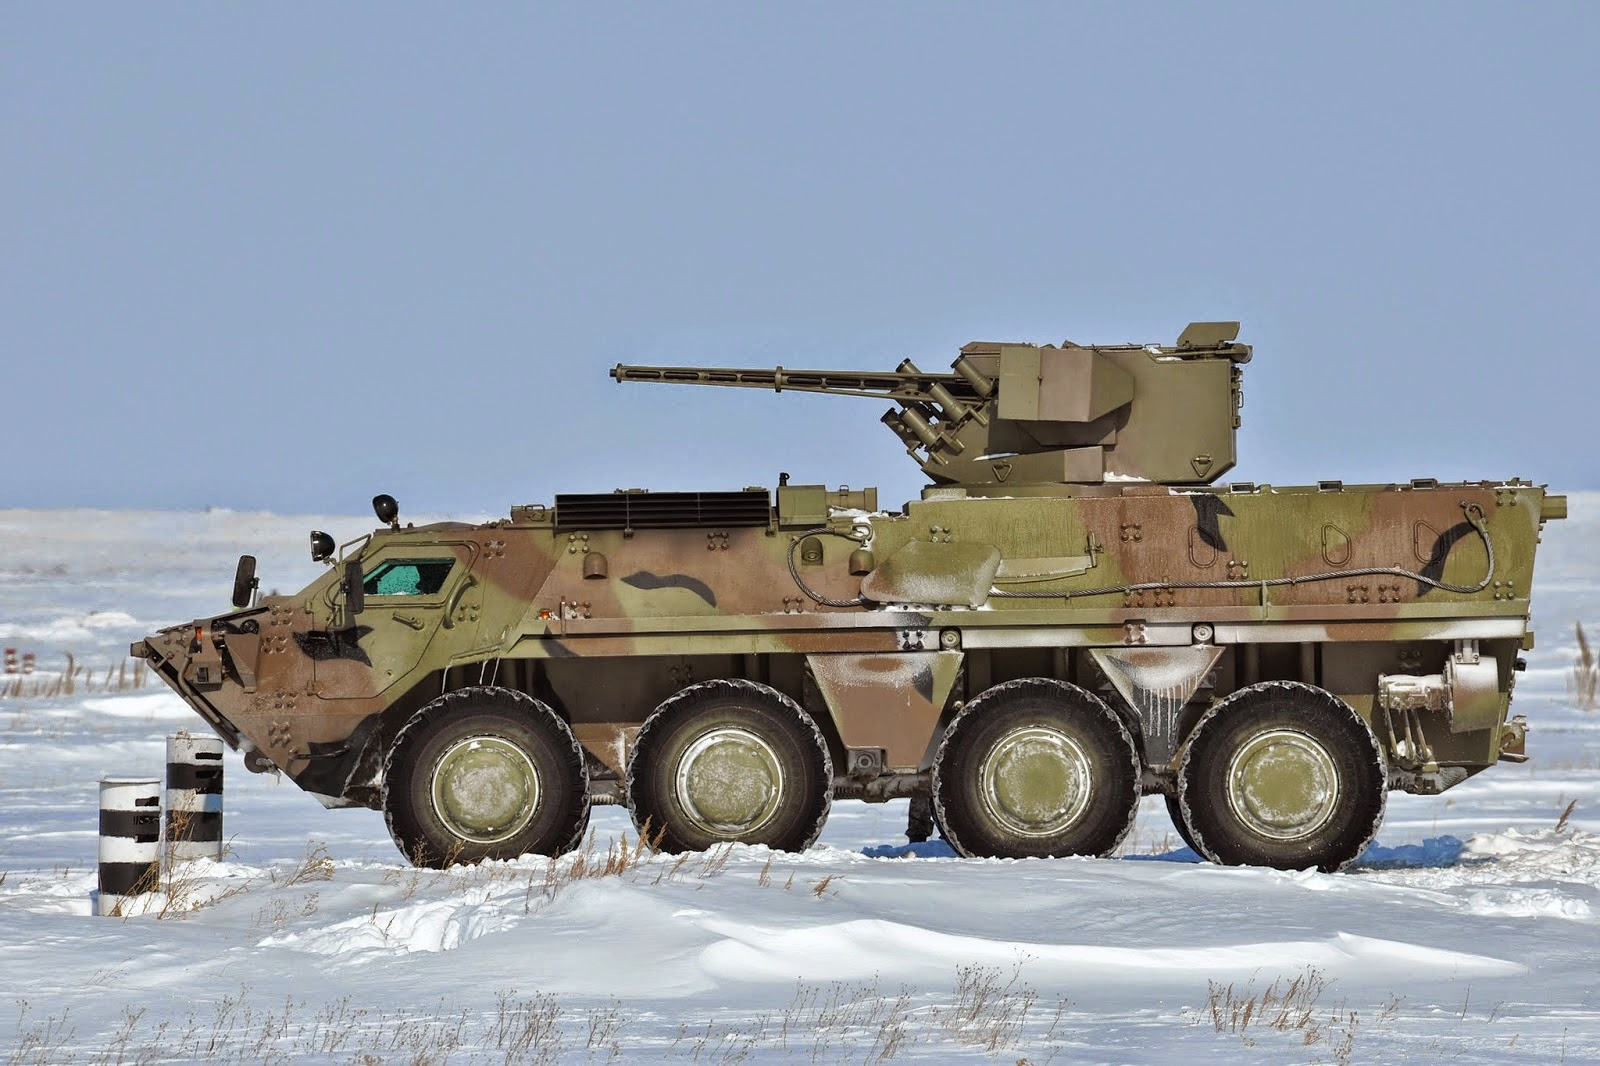 BTR-4E_Ladja_Ukrainian%2Barmored%2Bpersonnel%2Bcarrier_Made%2Bin%2BUkraine_43 Топ-10 новейших образцов оружия и военной техники России